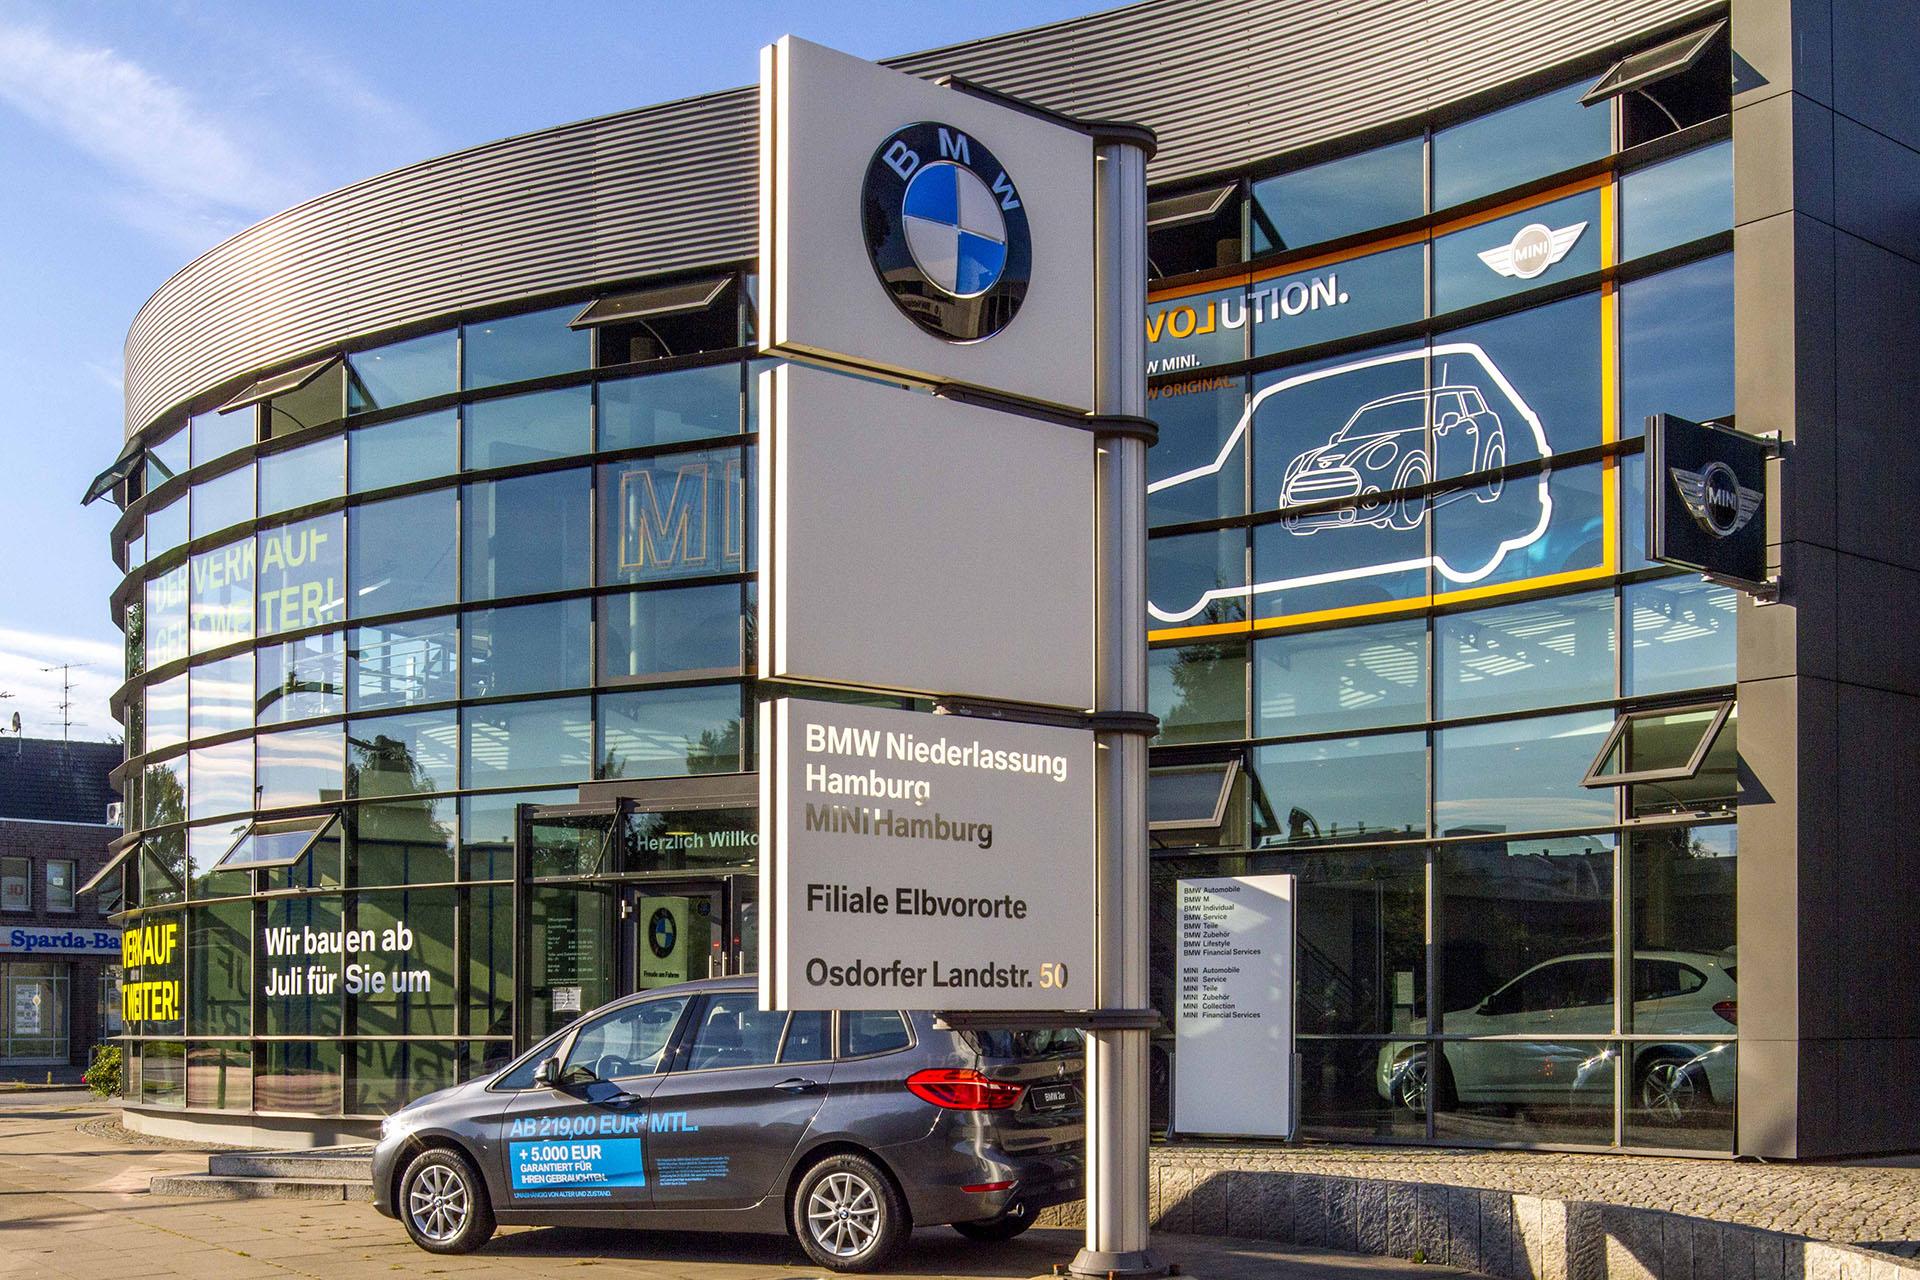 BMW Niederlassung